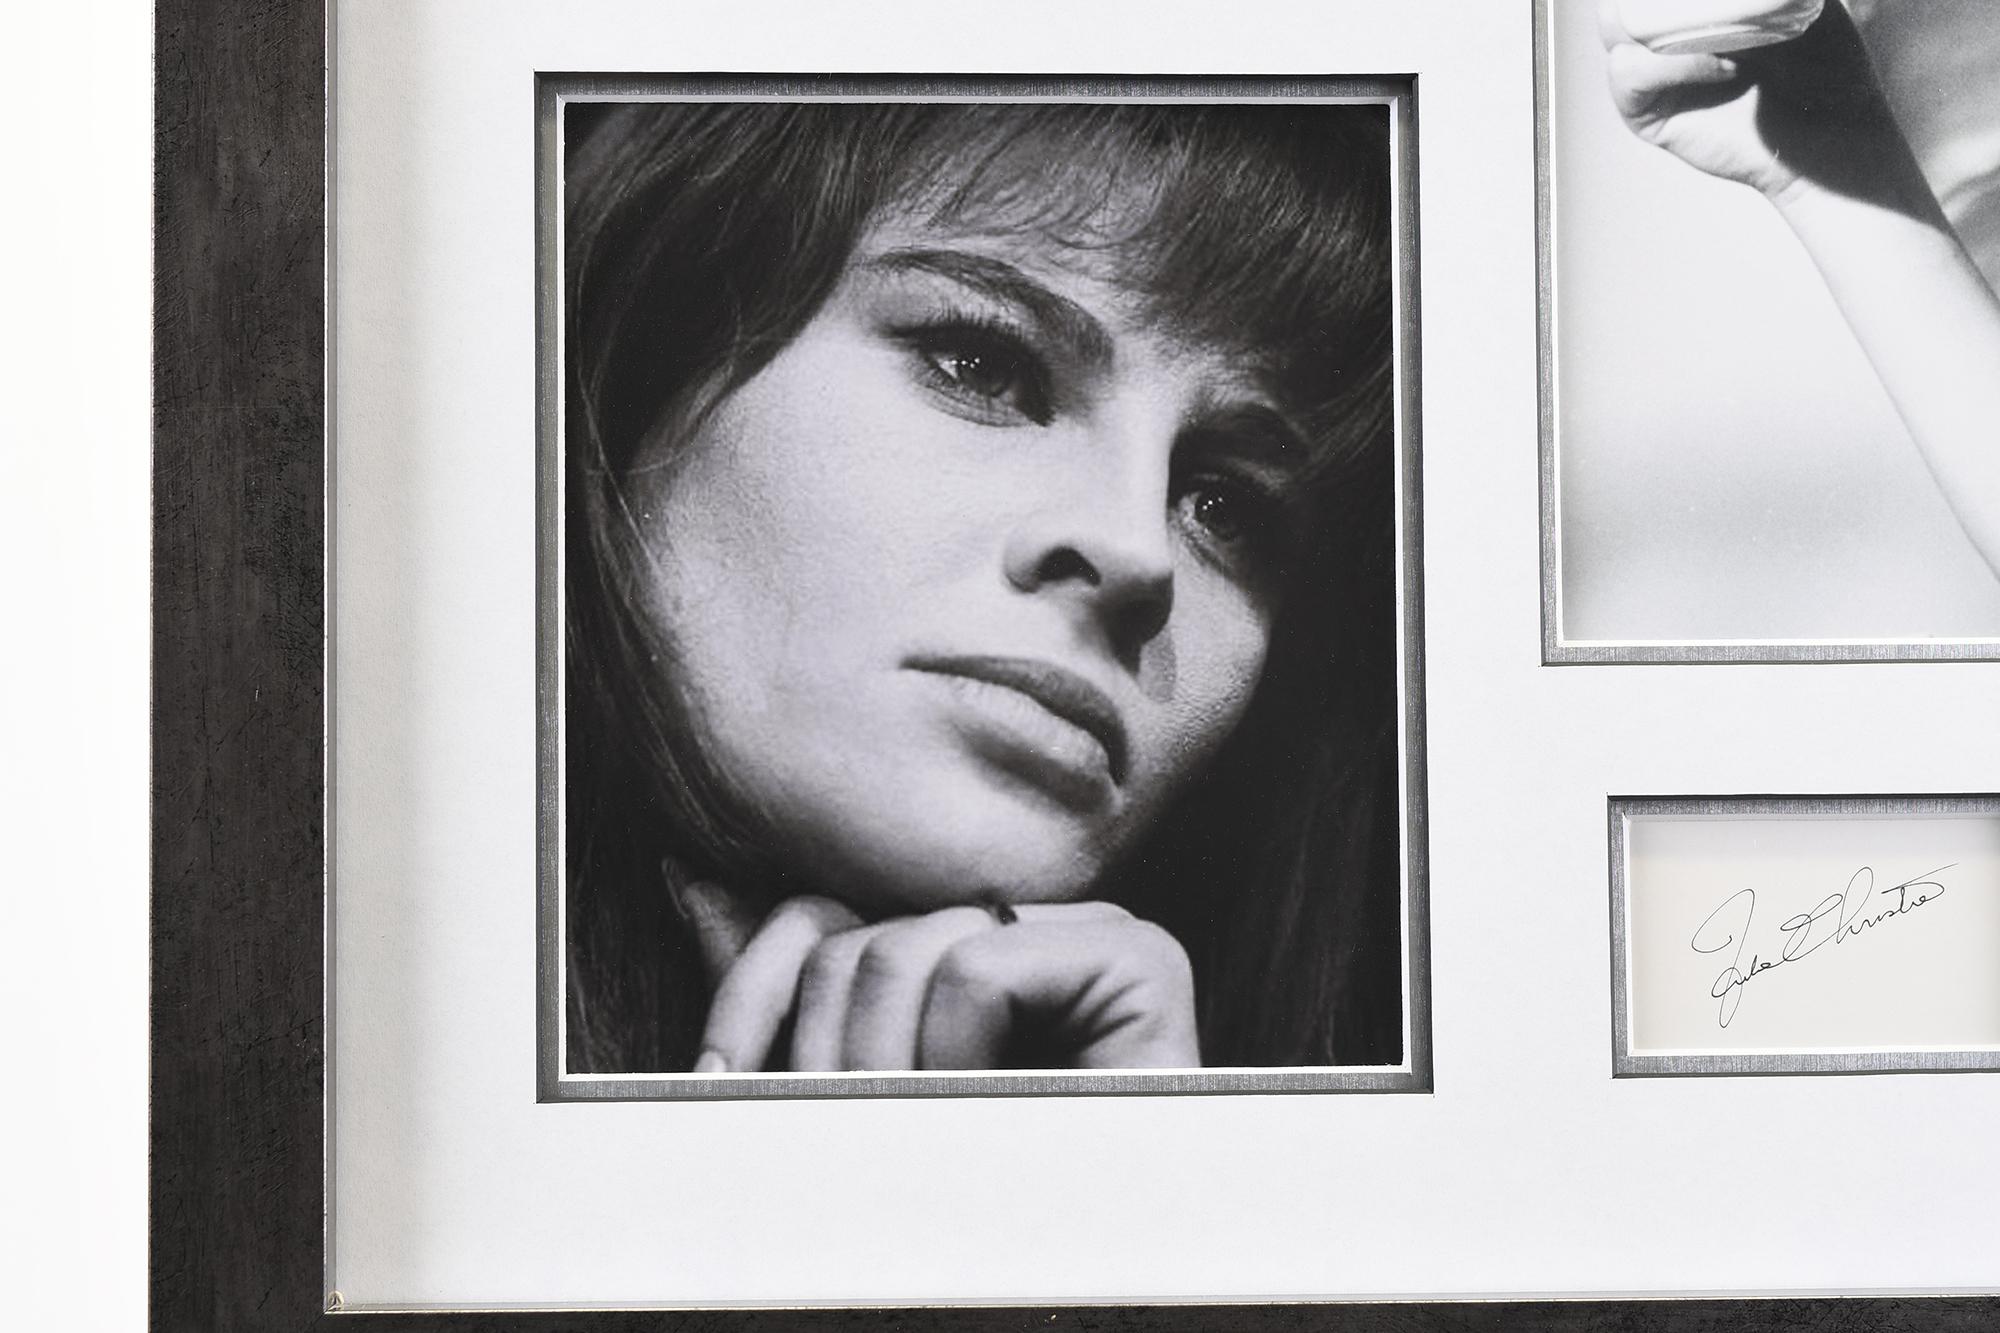 Julie Christie Memorabilia Framed Presentation - Image 7 of 7